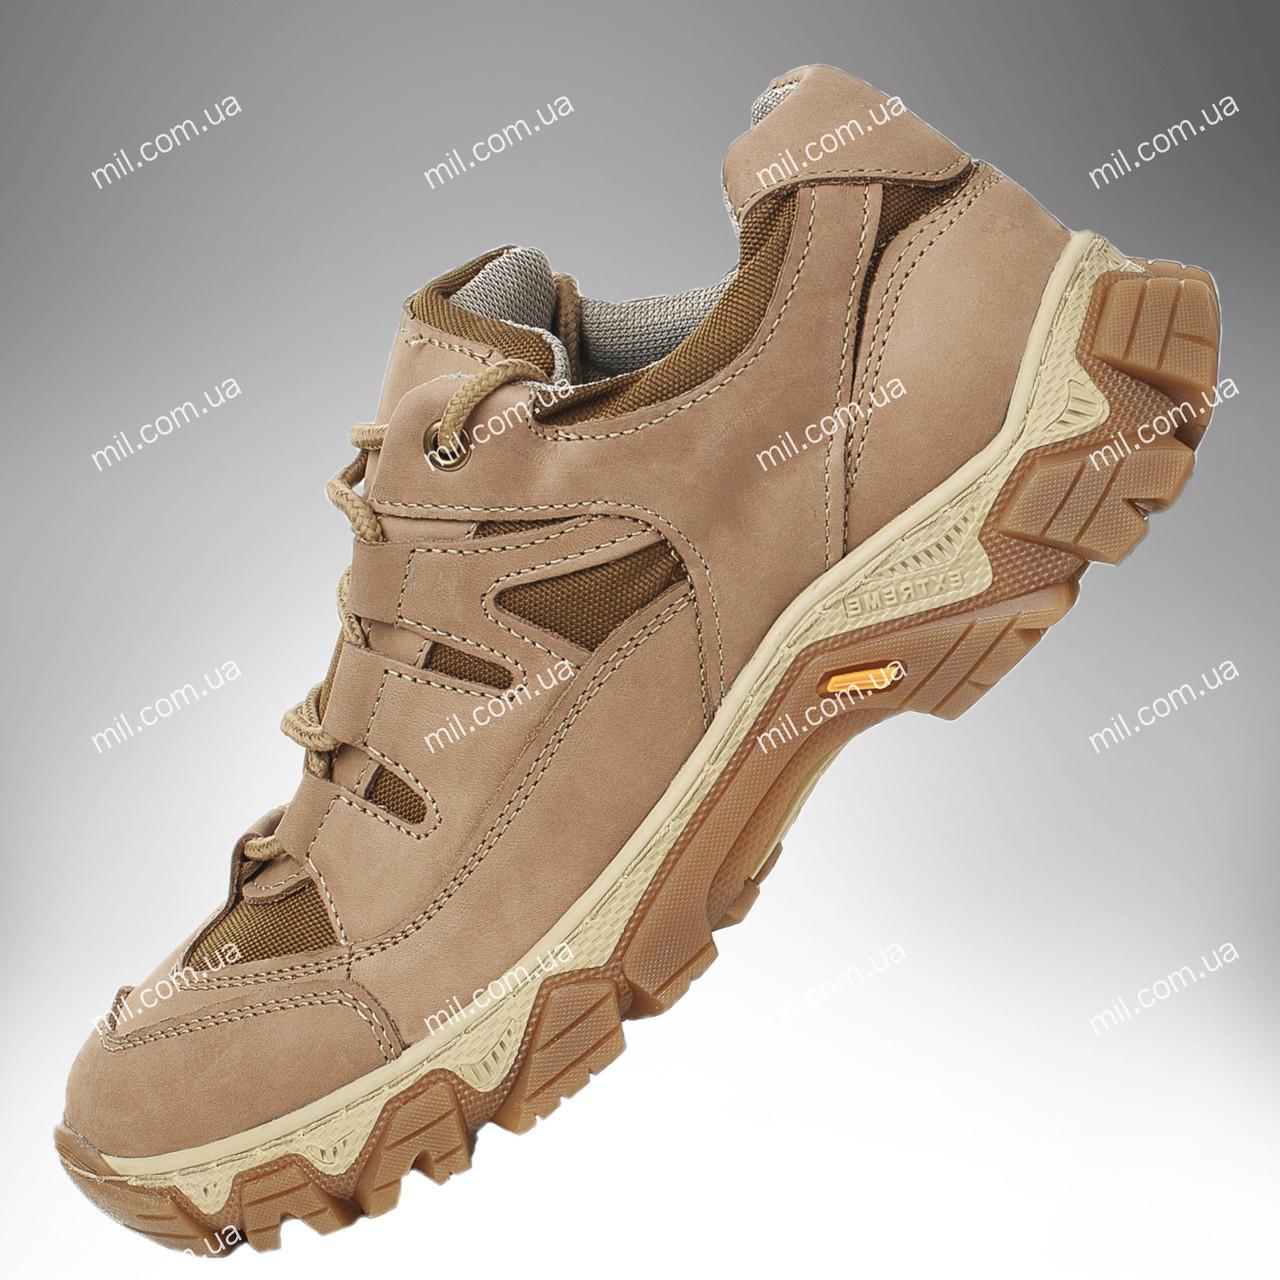 ⭐⭐Военная демисезонная обувь / тактические кроссовки Tactic LOW4 (бежевый) | военные кроссовки, тактические